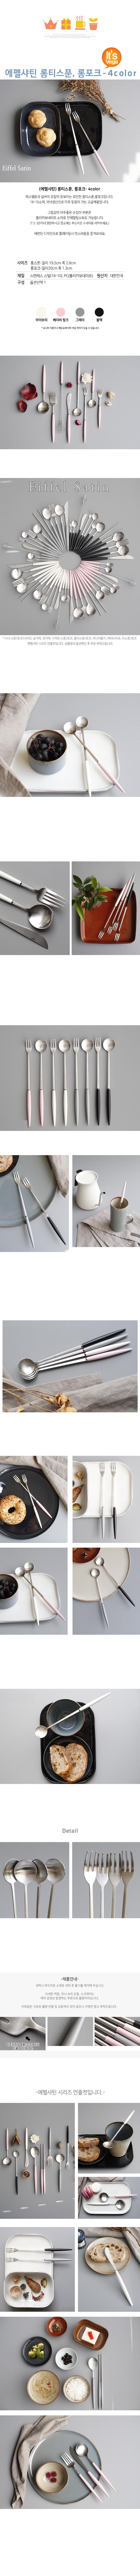 에펠샤틴 롱티스푼 롱포크- 4color - 베가, 10,500원, 숟가락/젓가락/스틱, 숟가락/젓가락 세트